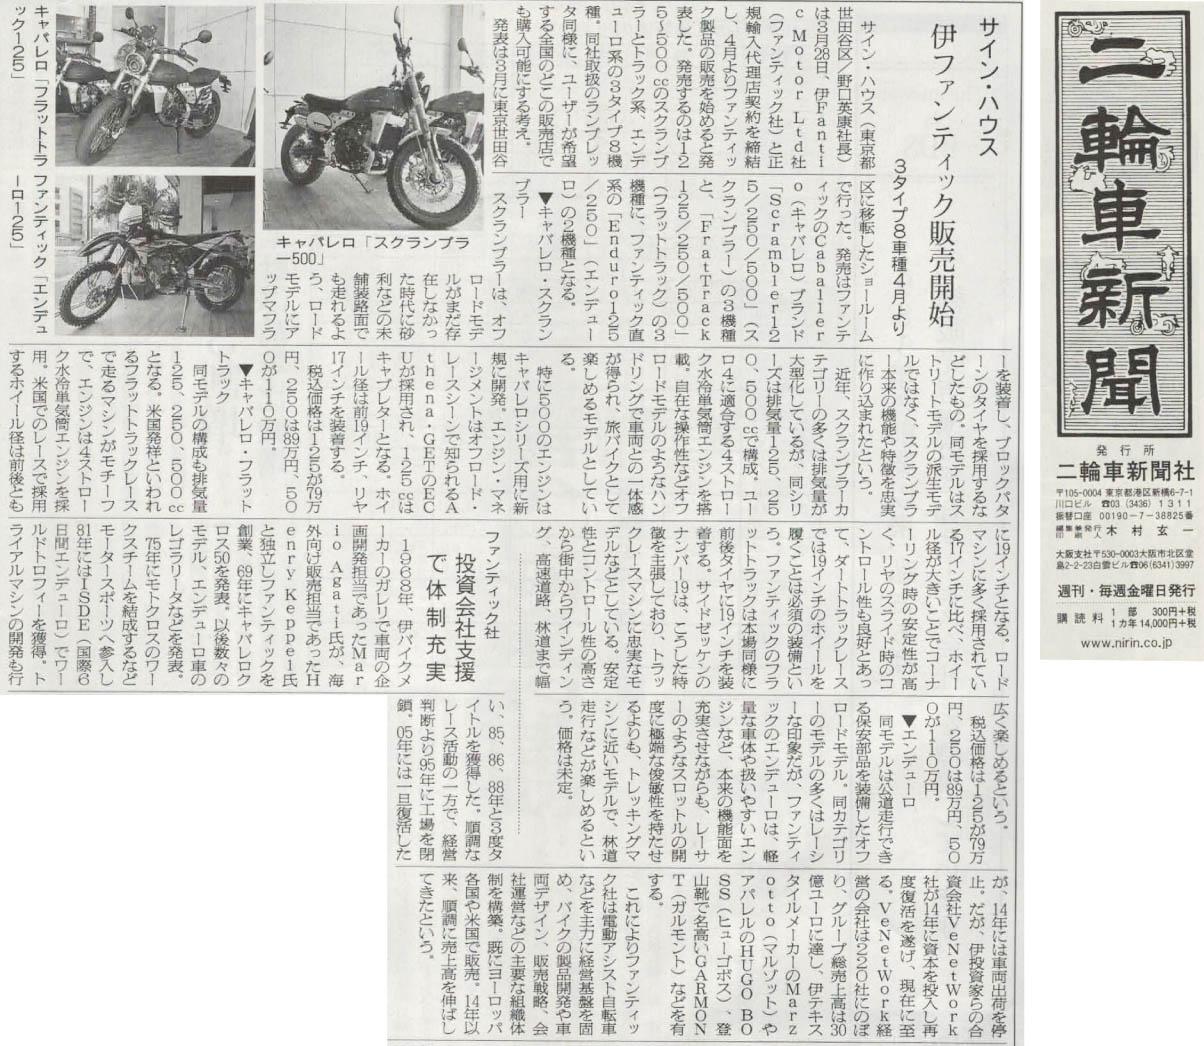 【二輪車新聞5/3掲載】FANTIC